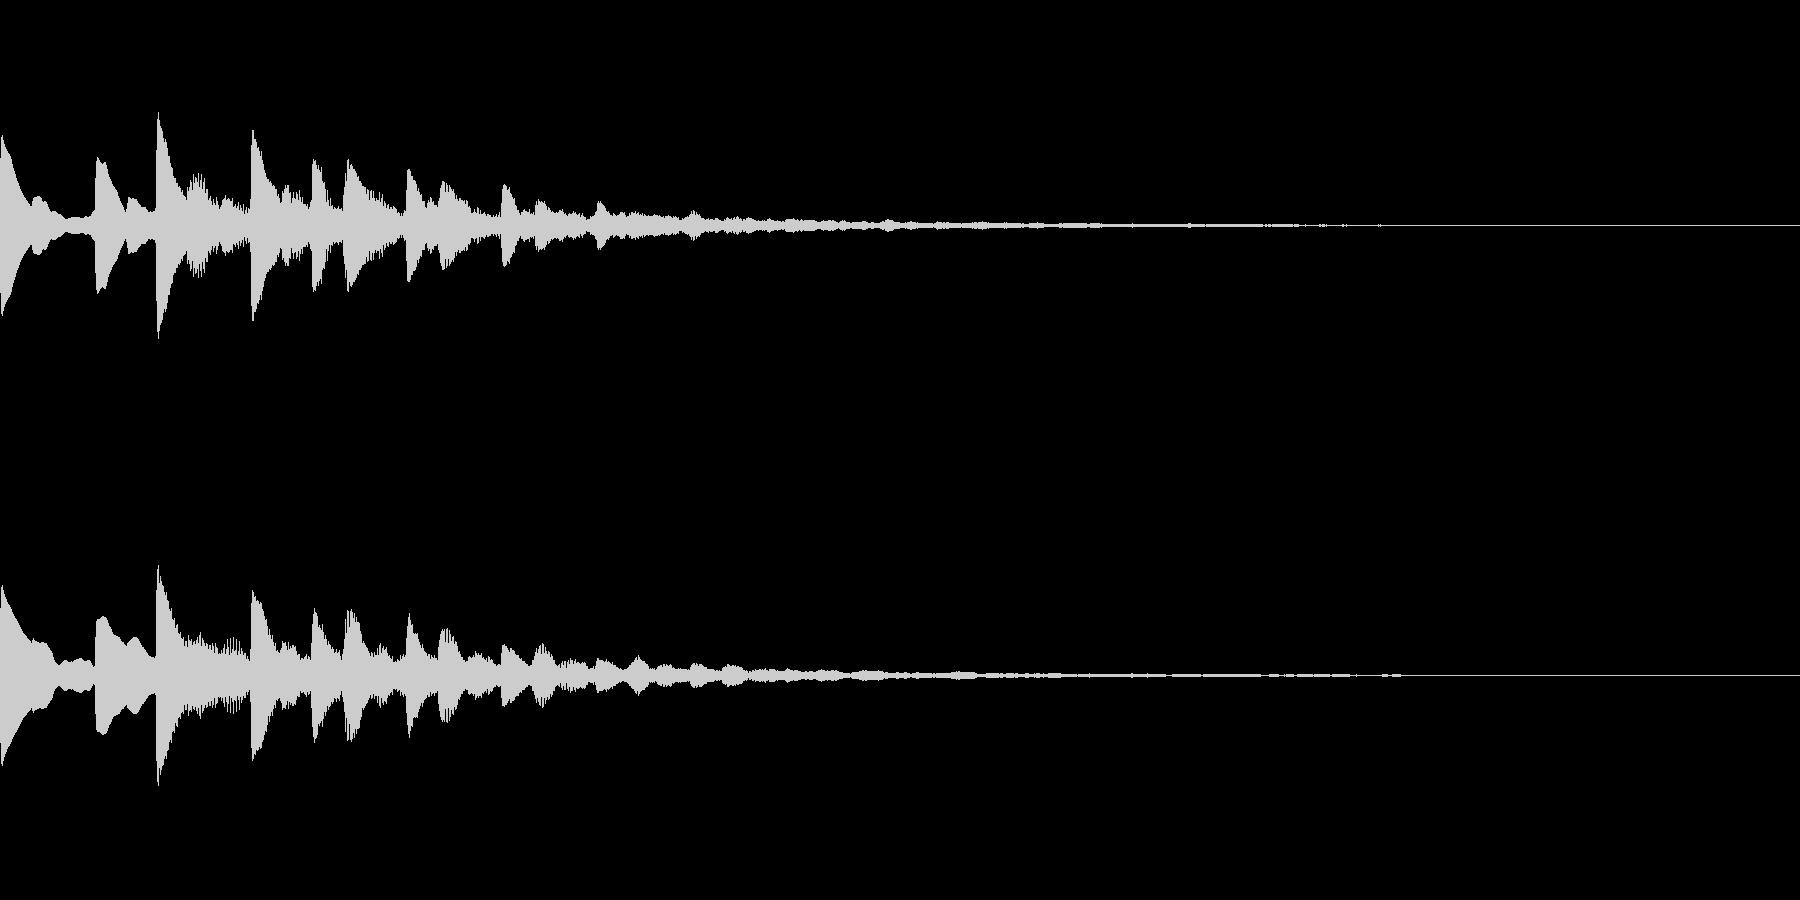 宇宙っぽいサウンドロゴ02の未再生の波形